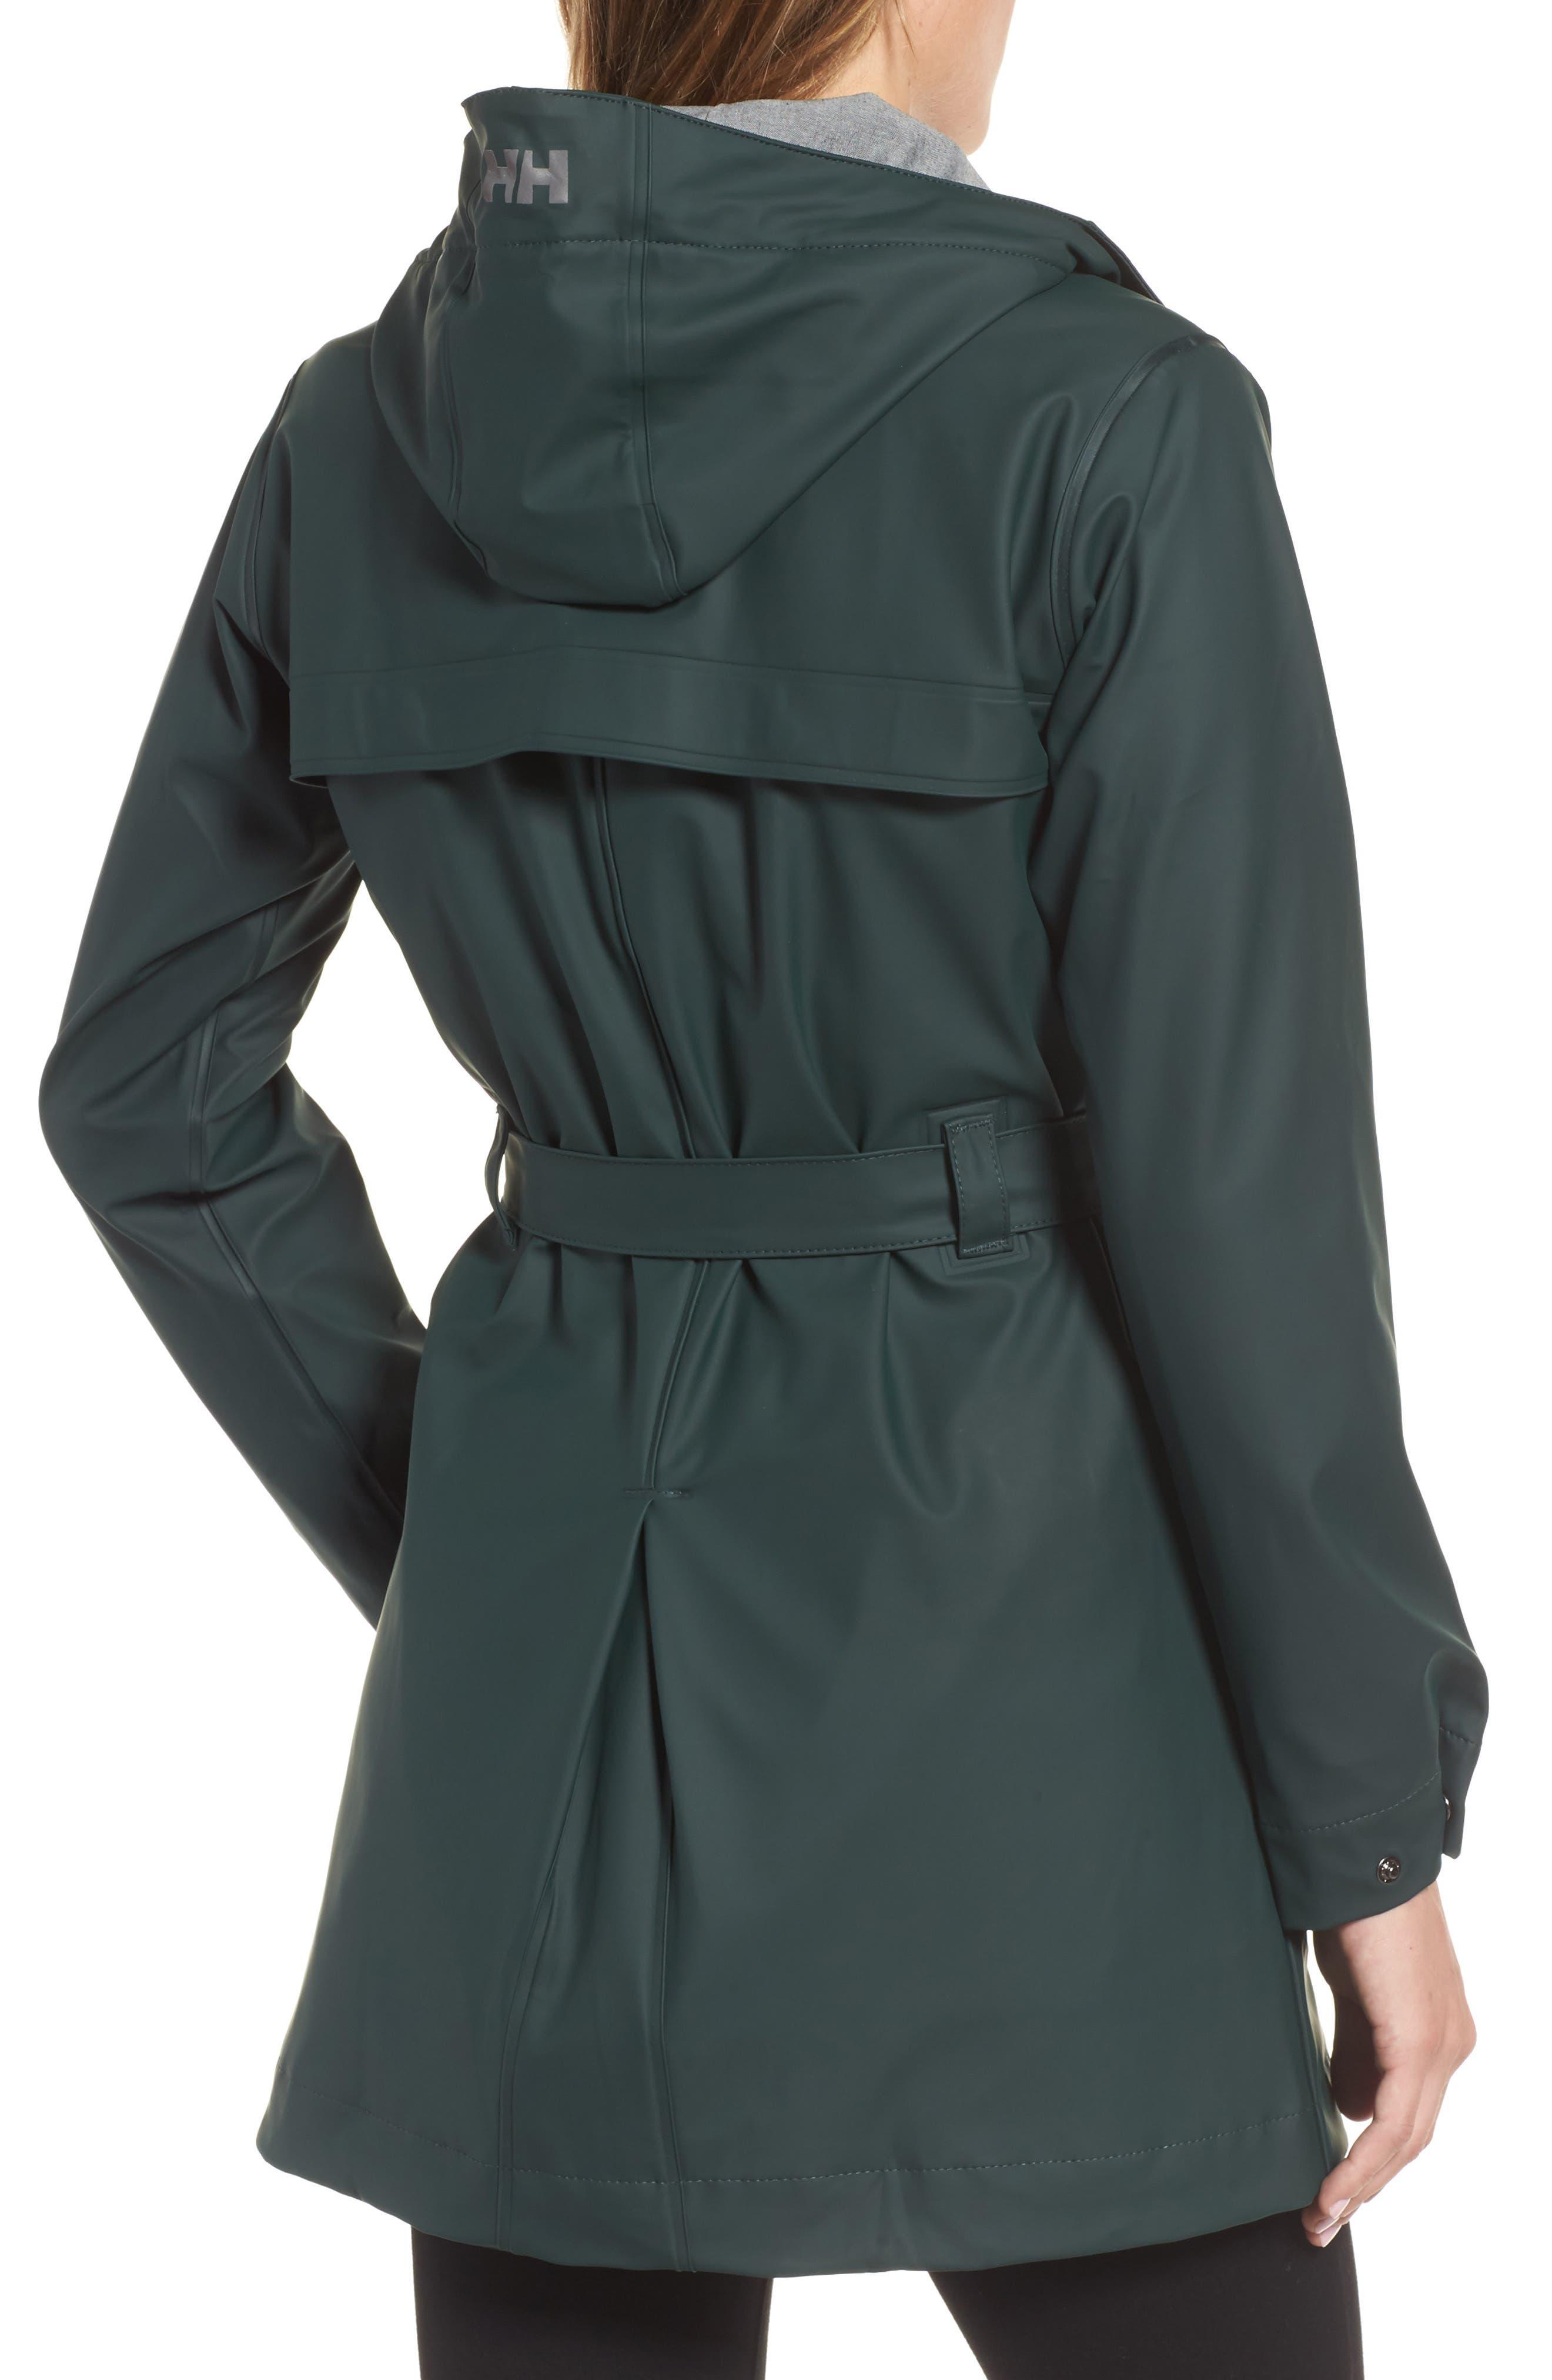 Kirkwall Raincoat,                             Alternate thumbnail 2, color,                             Darkest Spruce